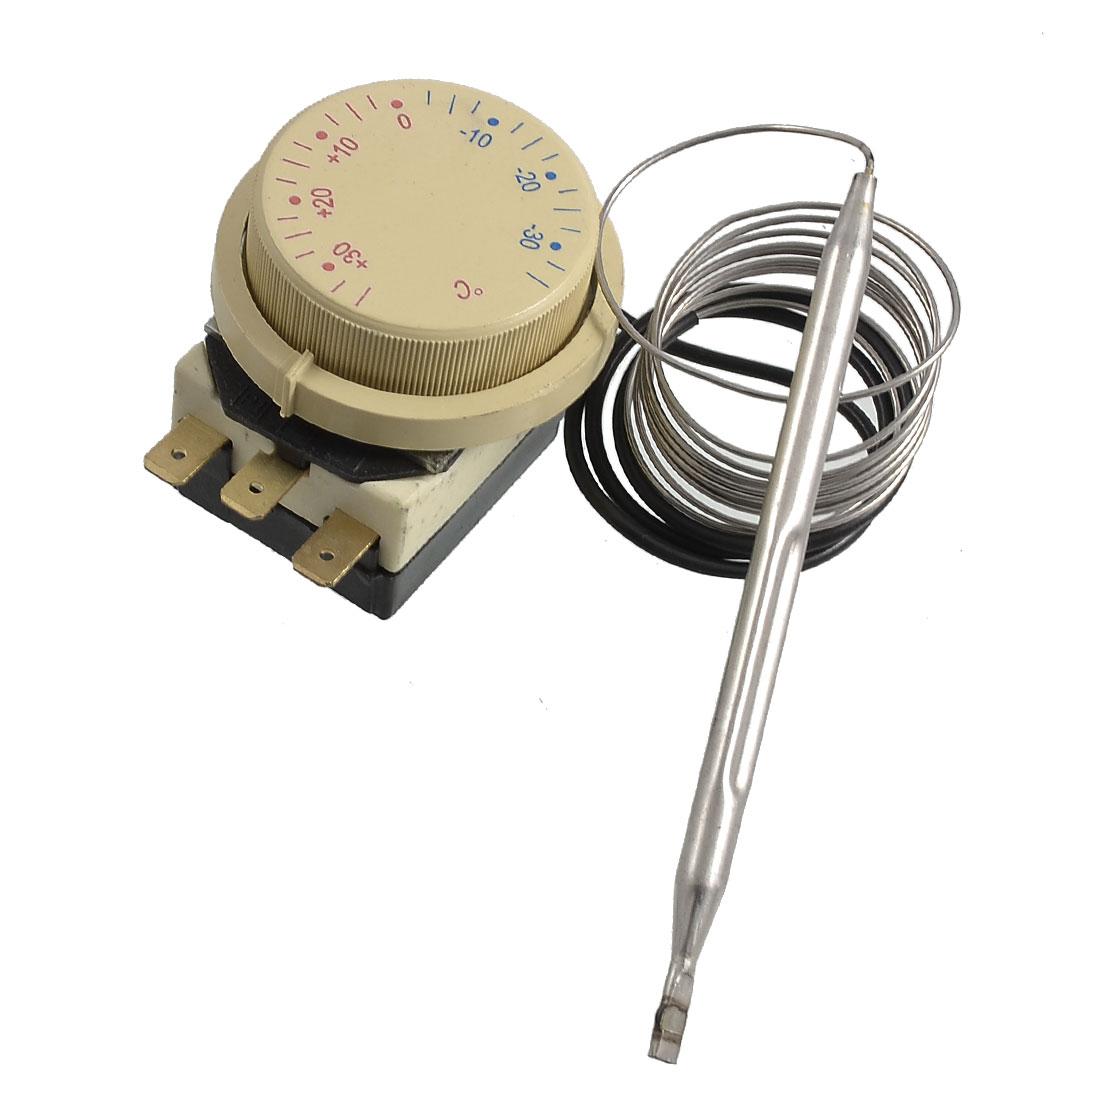 AC 250V 16A -35 to 35 Celsius Degree 3 Terminals Freezer Refrigerator Thermostat